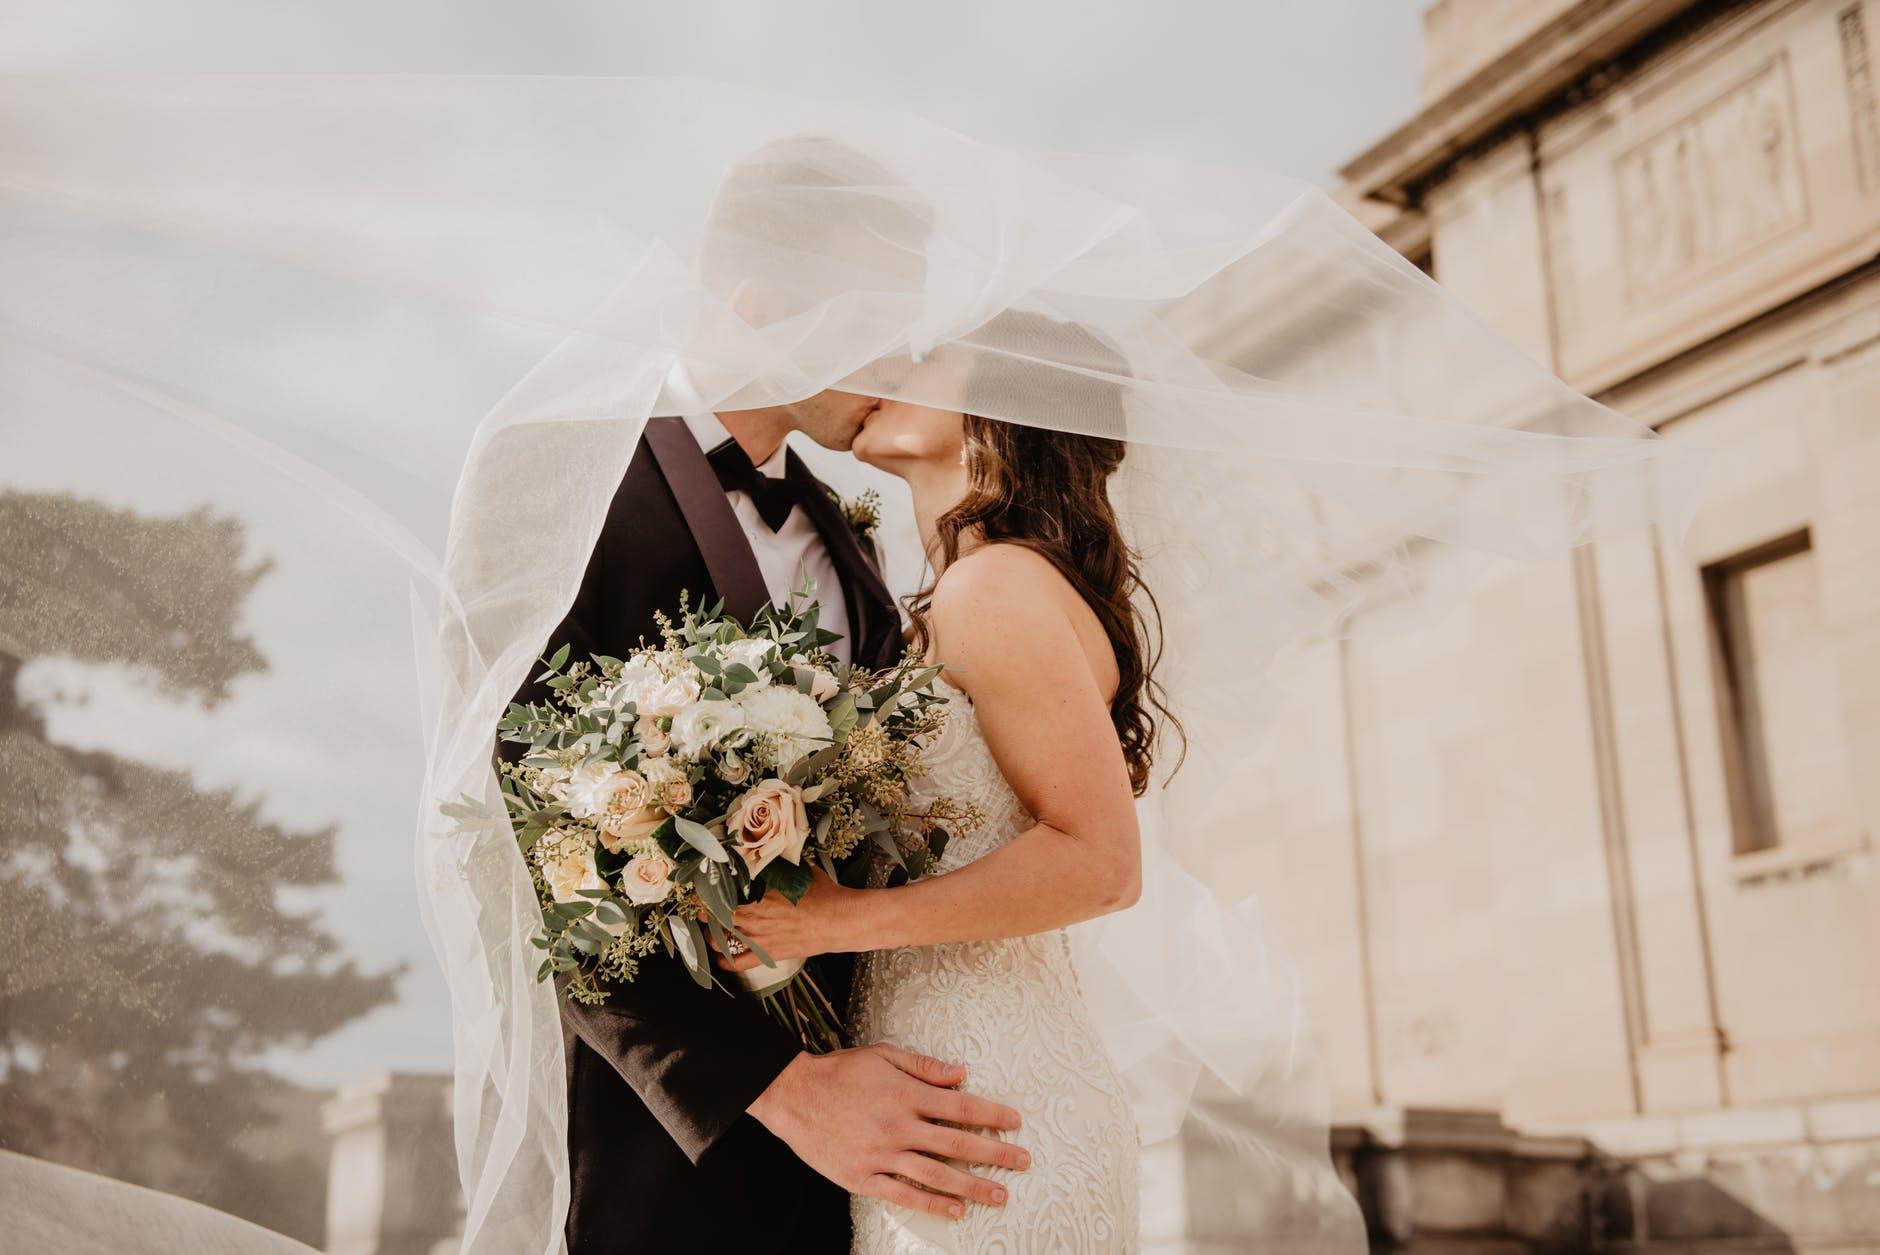 Hochzeit selber planen in 10 Schritten